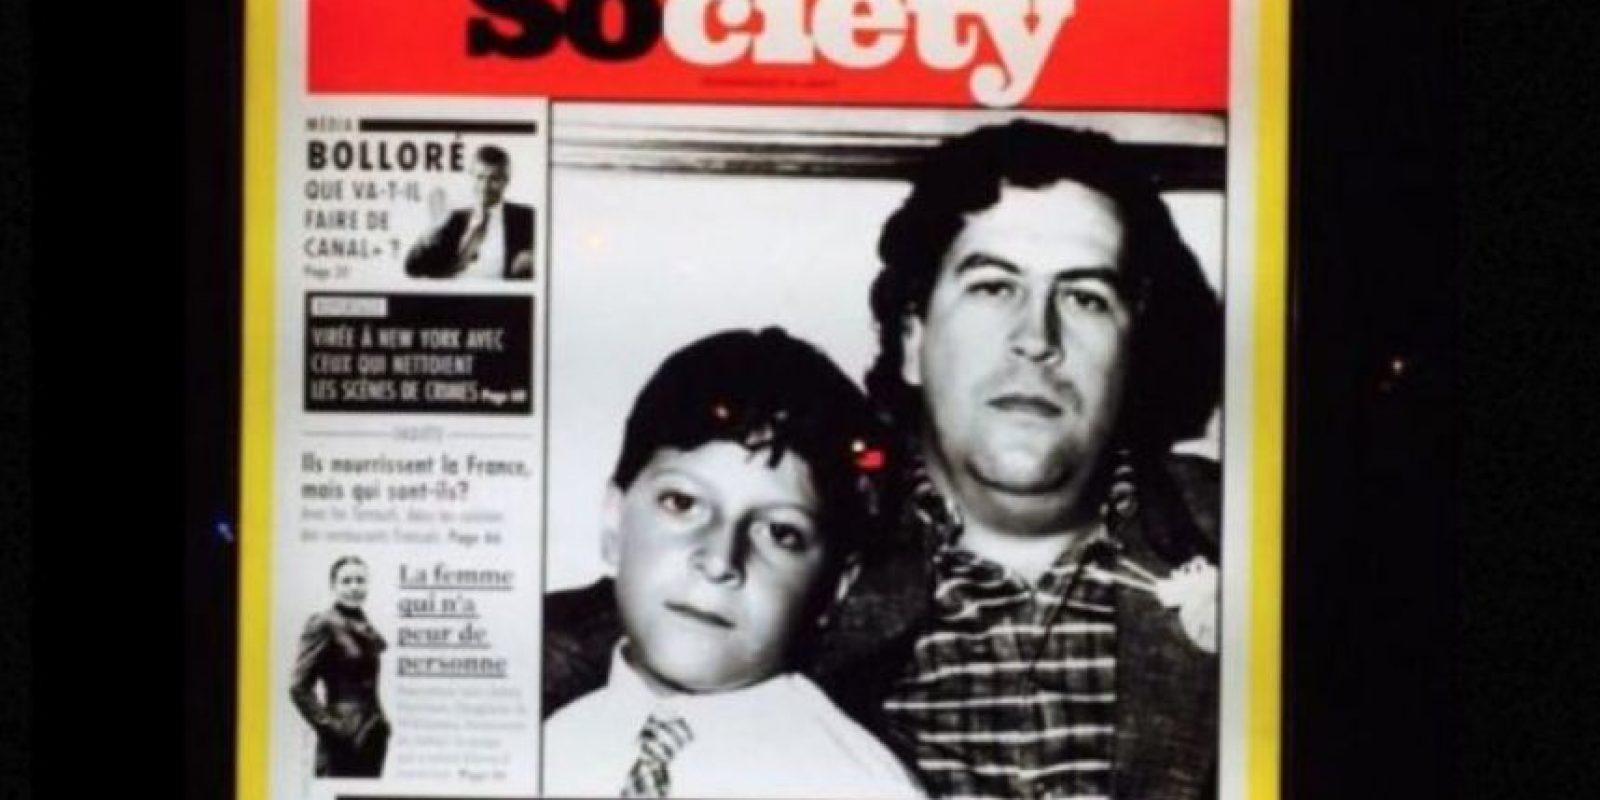 Y por si fuera poco, se alió con Pablo Escobar en el tráfico de drogas. Incluso llegó a conocerlo. Foto:vía Facebook/Juan Sebastián Marroquín